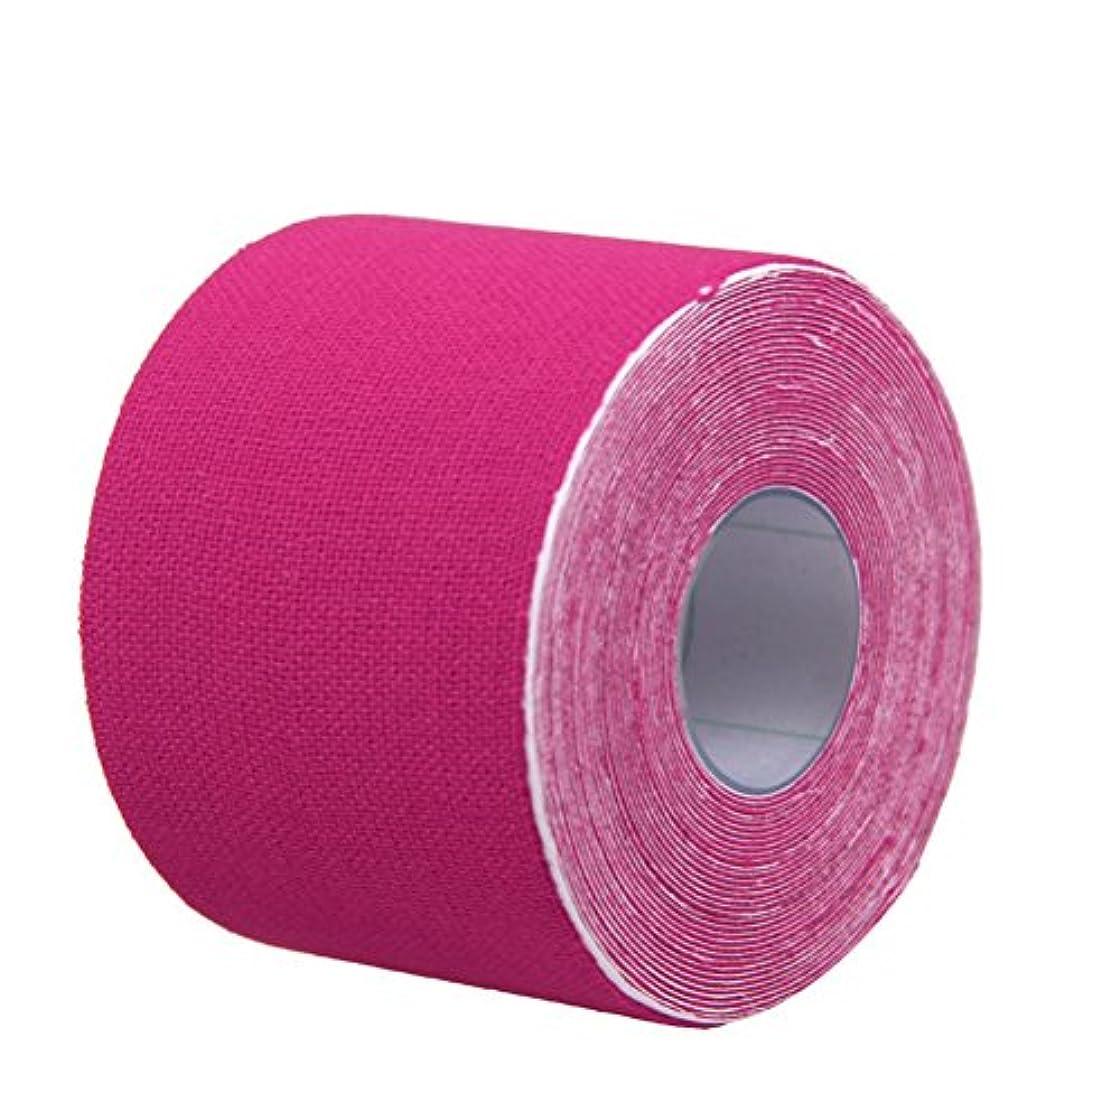 ヘロイン塩辛いゆりROSENICE キネシオロジーテープセットセラピースポーツフィジオセラピー500x2.5cm(ピンク)